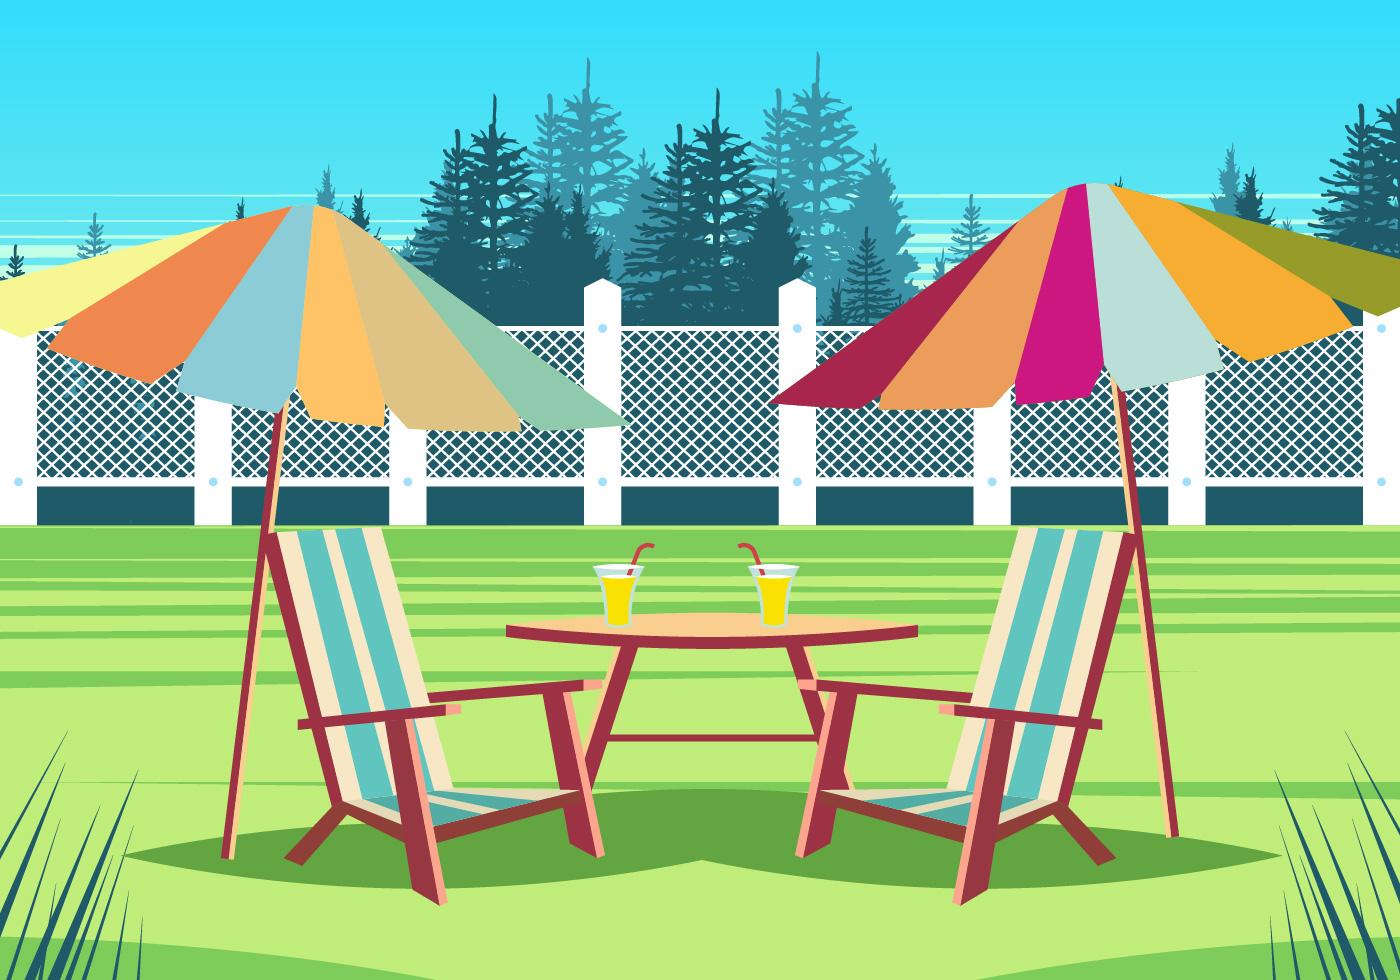 Silla de c sped en el parque descargue gr ficos y for Sillas para parques